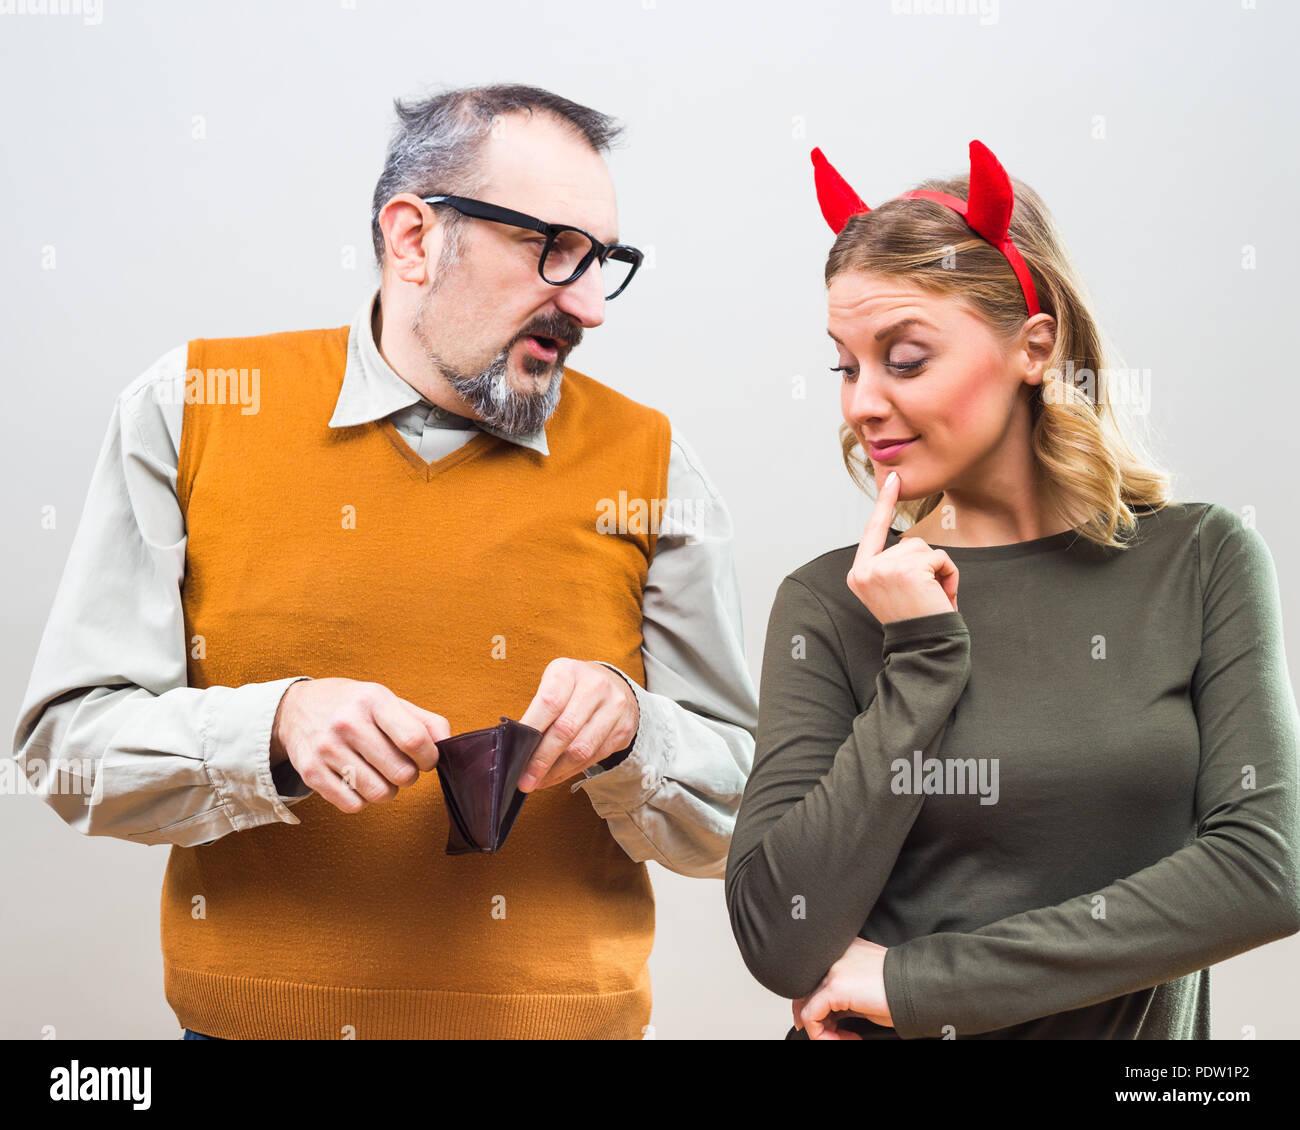 Hombre nerdy es incierto,que está pensando que su esposa amor más él o su dinero. Imagen De Stock